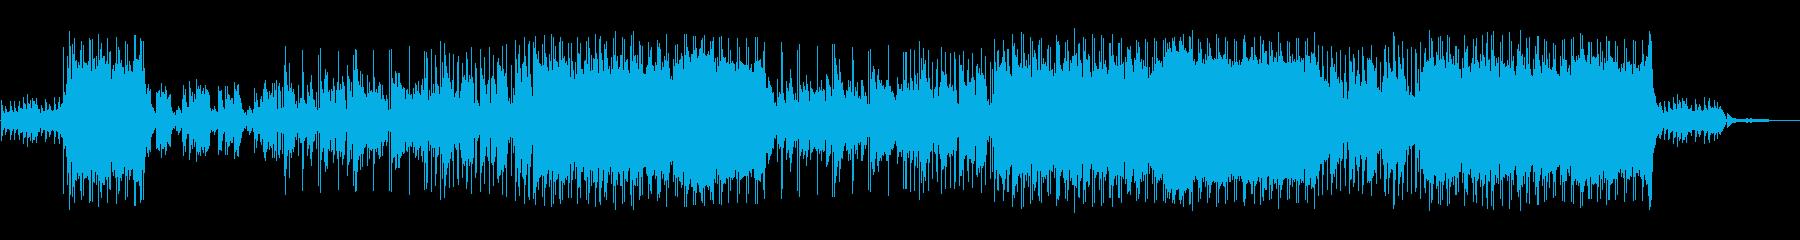 女性目線の結婚式用のバンド曲の再生済みの波形